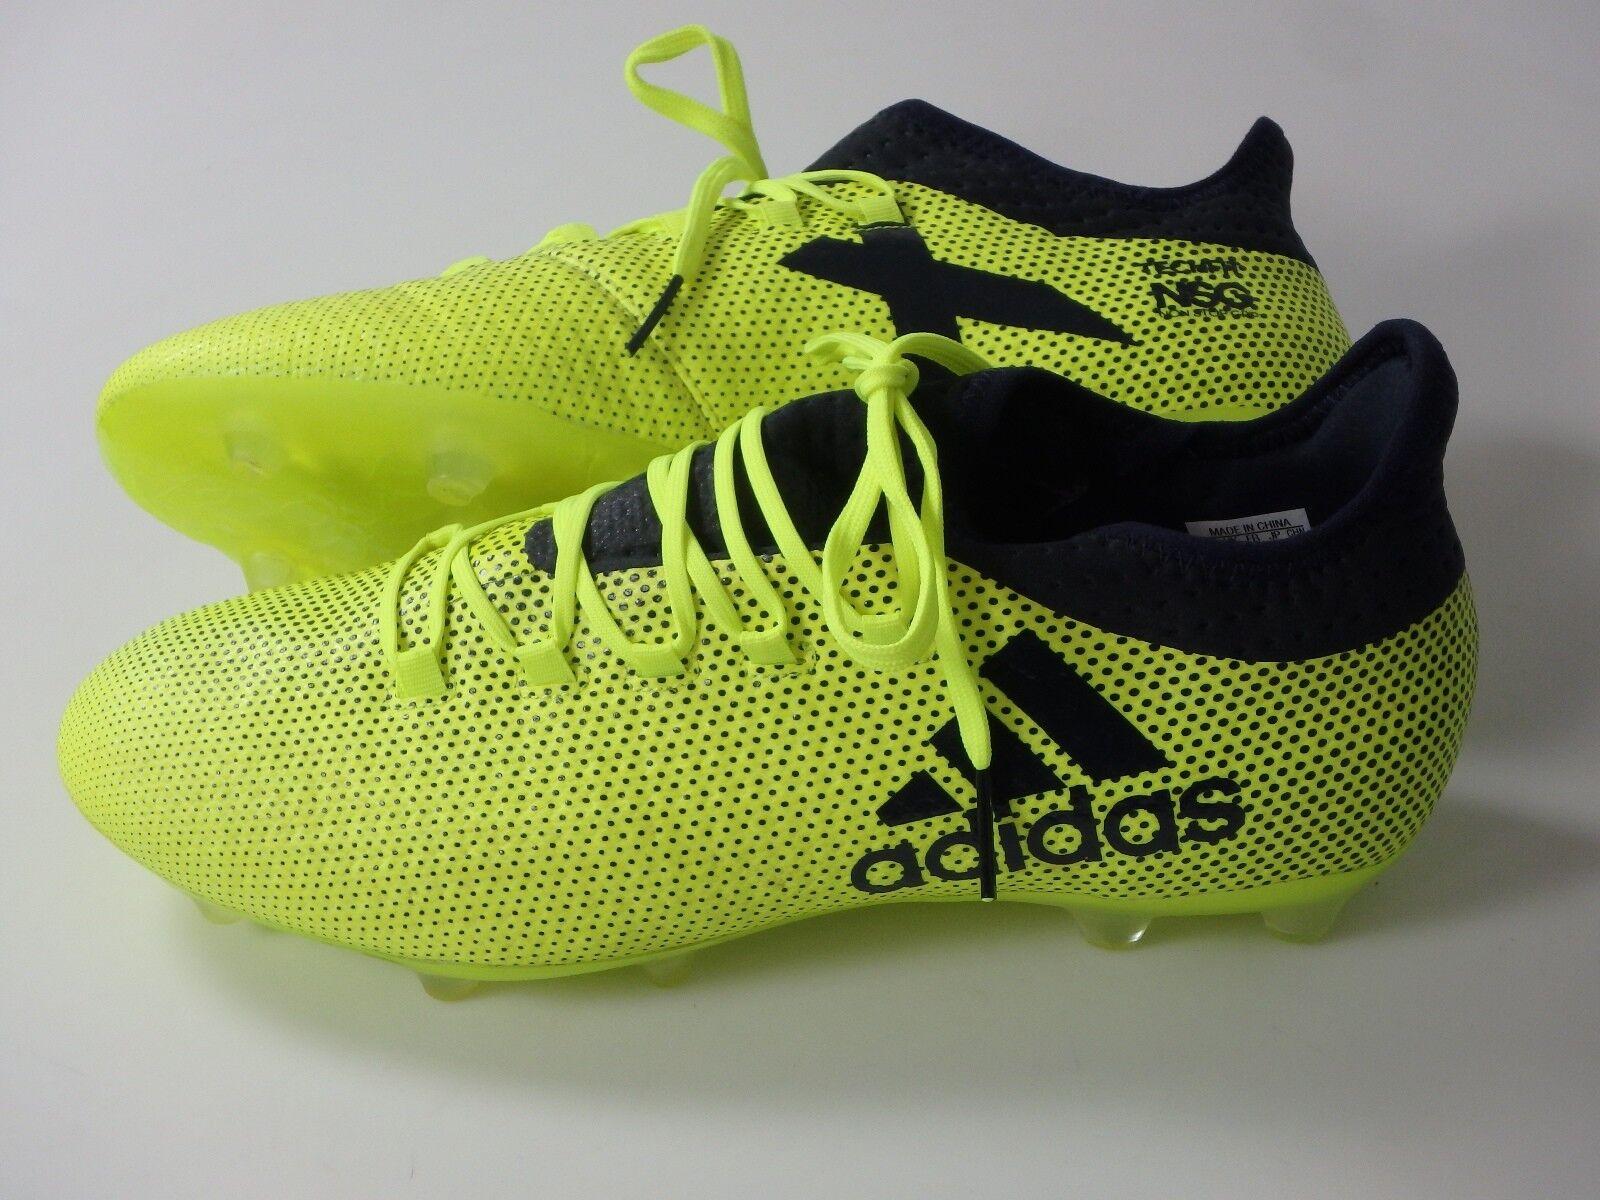 Adidas  27286 X 17.2 17.2 17.2 FG  Fußball Herren Fussballschuhe Gr.43 1 3 5e172f